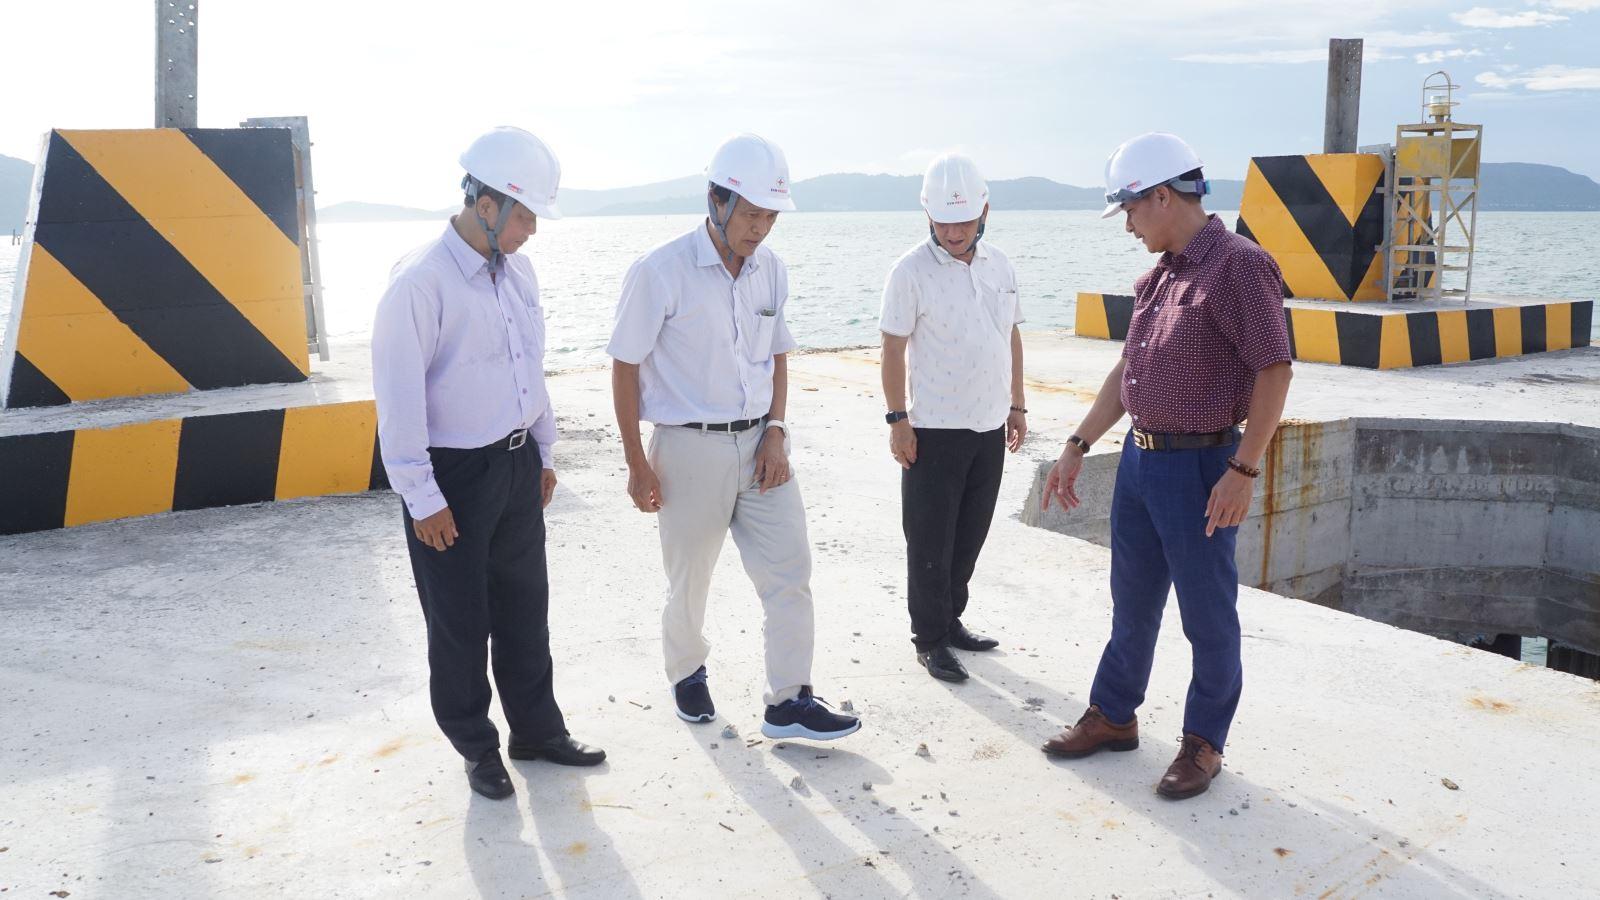 EVNSPC kiểm tra tình hình thực hiện dự án đường dây 220kV Kiên Bình - Phú Quốc